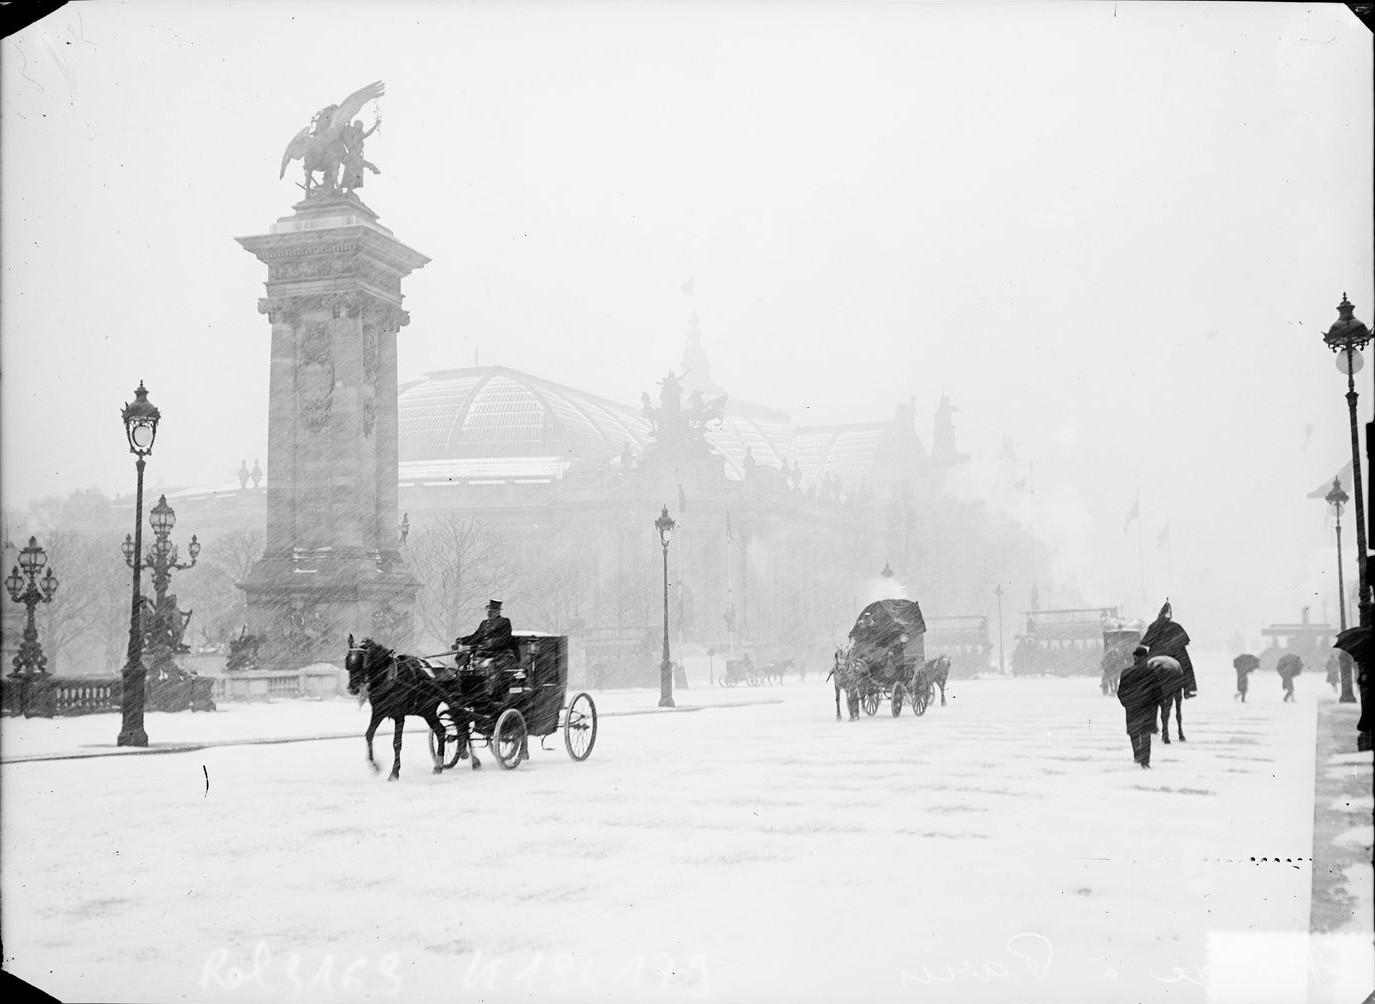 1908. Движение в непогоду недалеко от Большого дворца